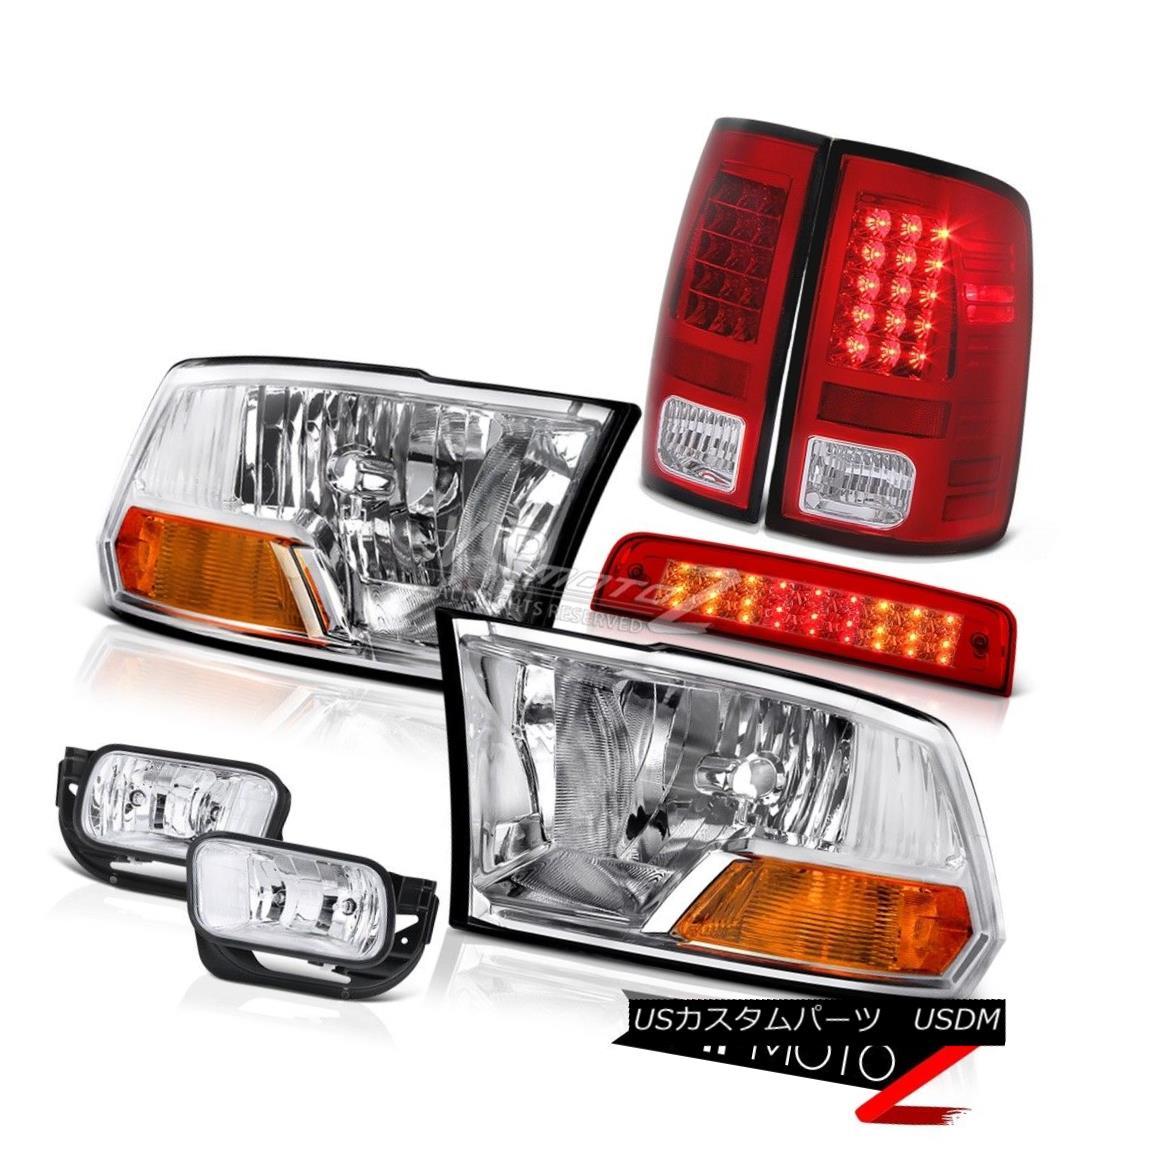 ヘッドライト 2010-2016 Ram 3500 6.4L 3RD Brake Light Fog Lights Tail Headlights SMD Assembly 2010-2016 Ram 3500 6.4L 3RDブレーキライトフォグライトテールヘッドライトSMDアセンブリ